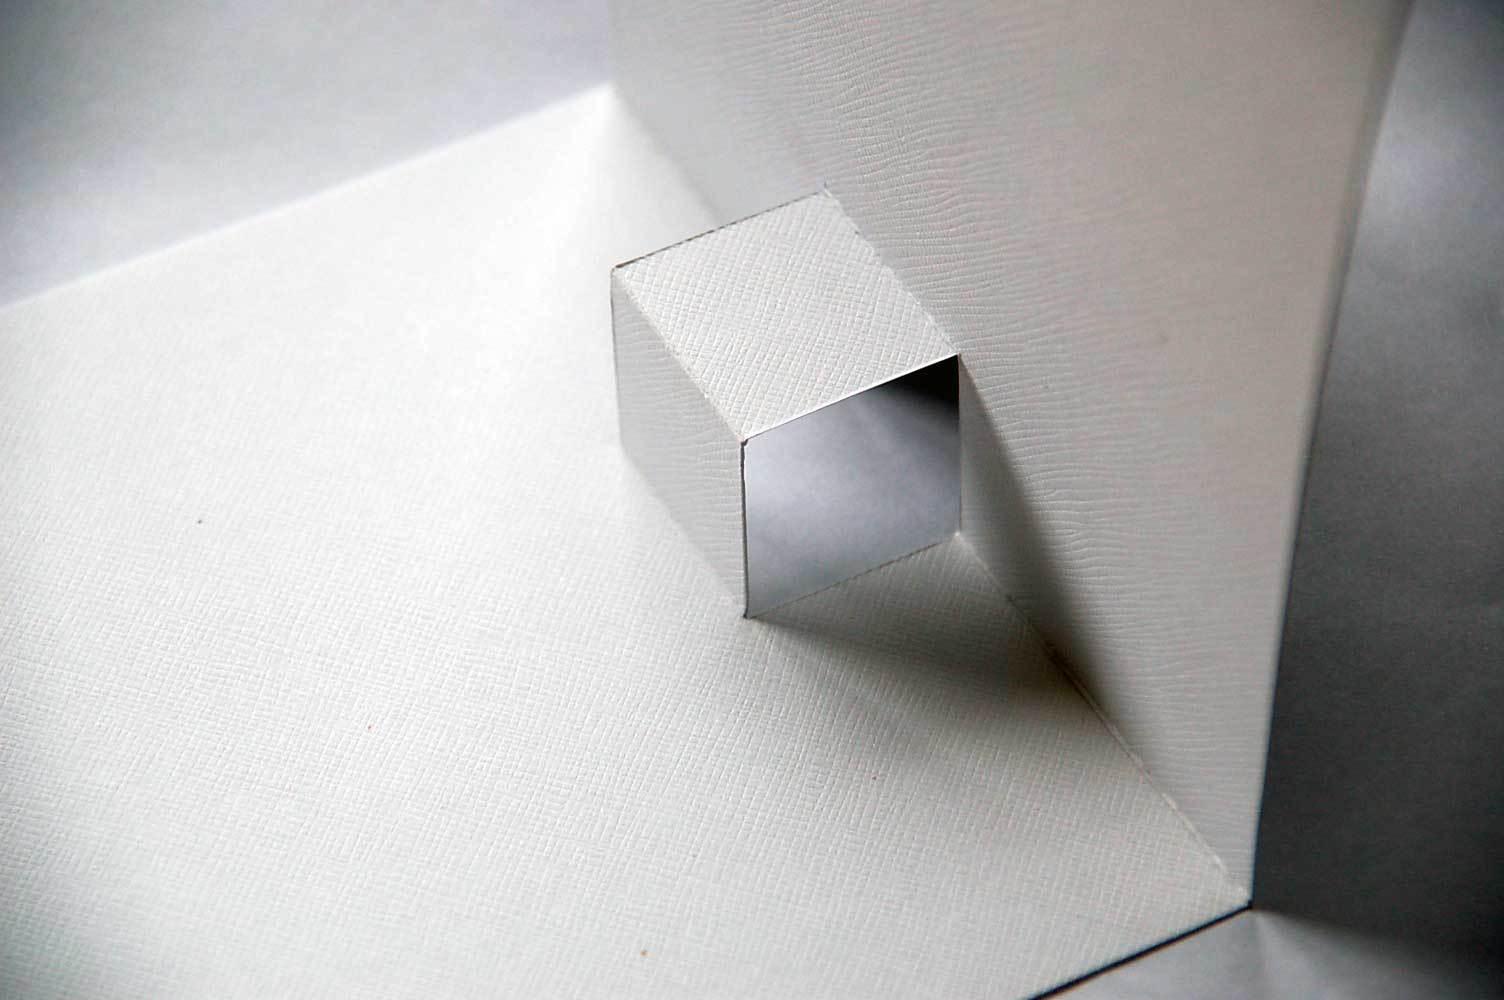 прямоугольник складываем вовнутрь открытки